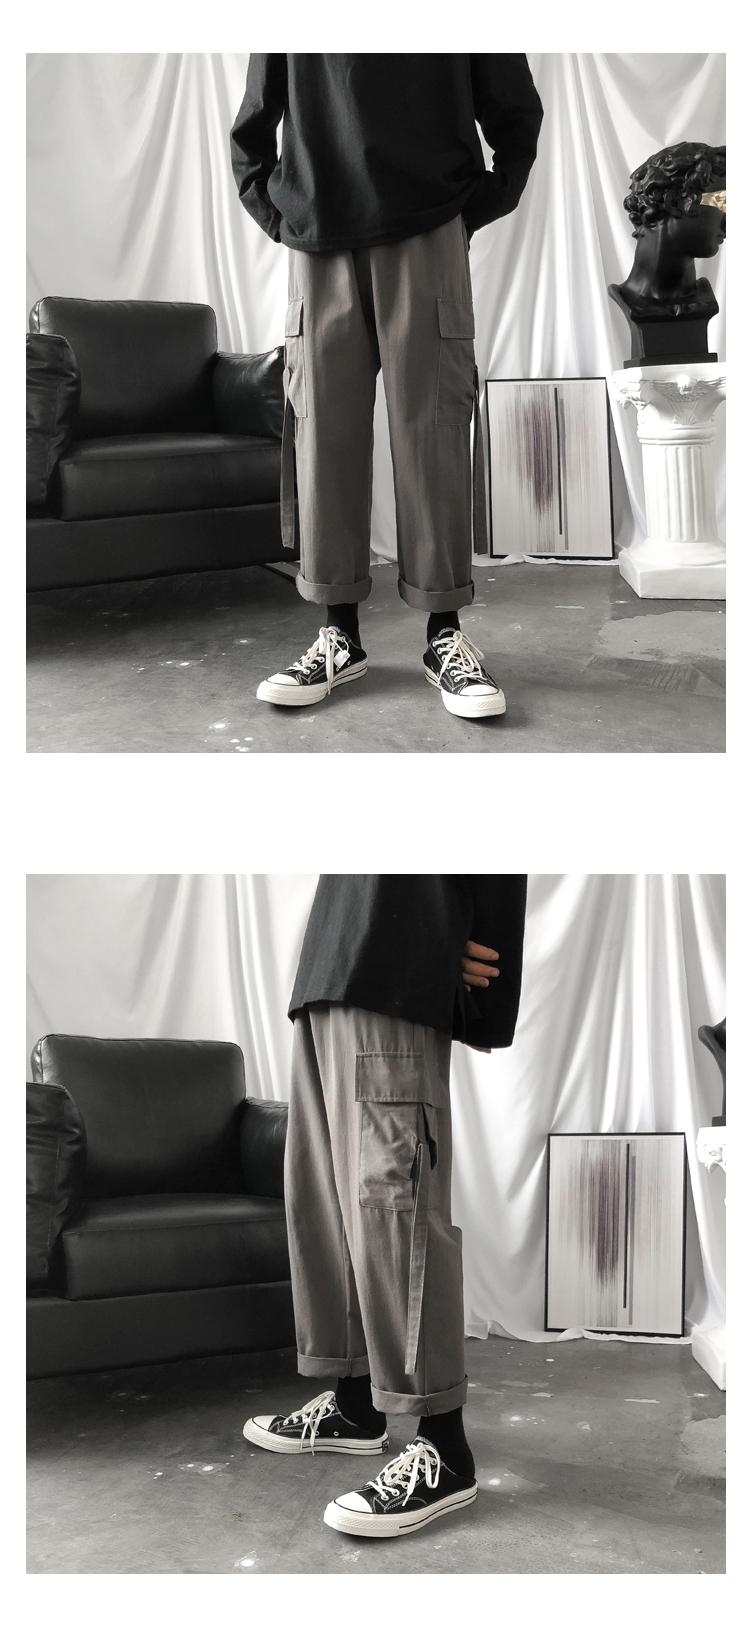 秋冬~爆款推荐暗黑织带工装裤男休闲裤903-BK43-P65加绒P70(控88